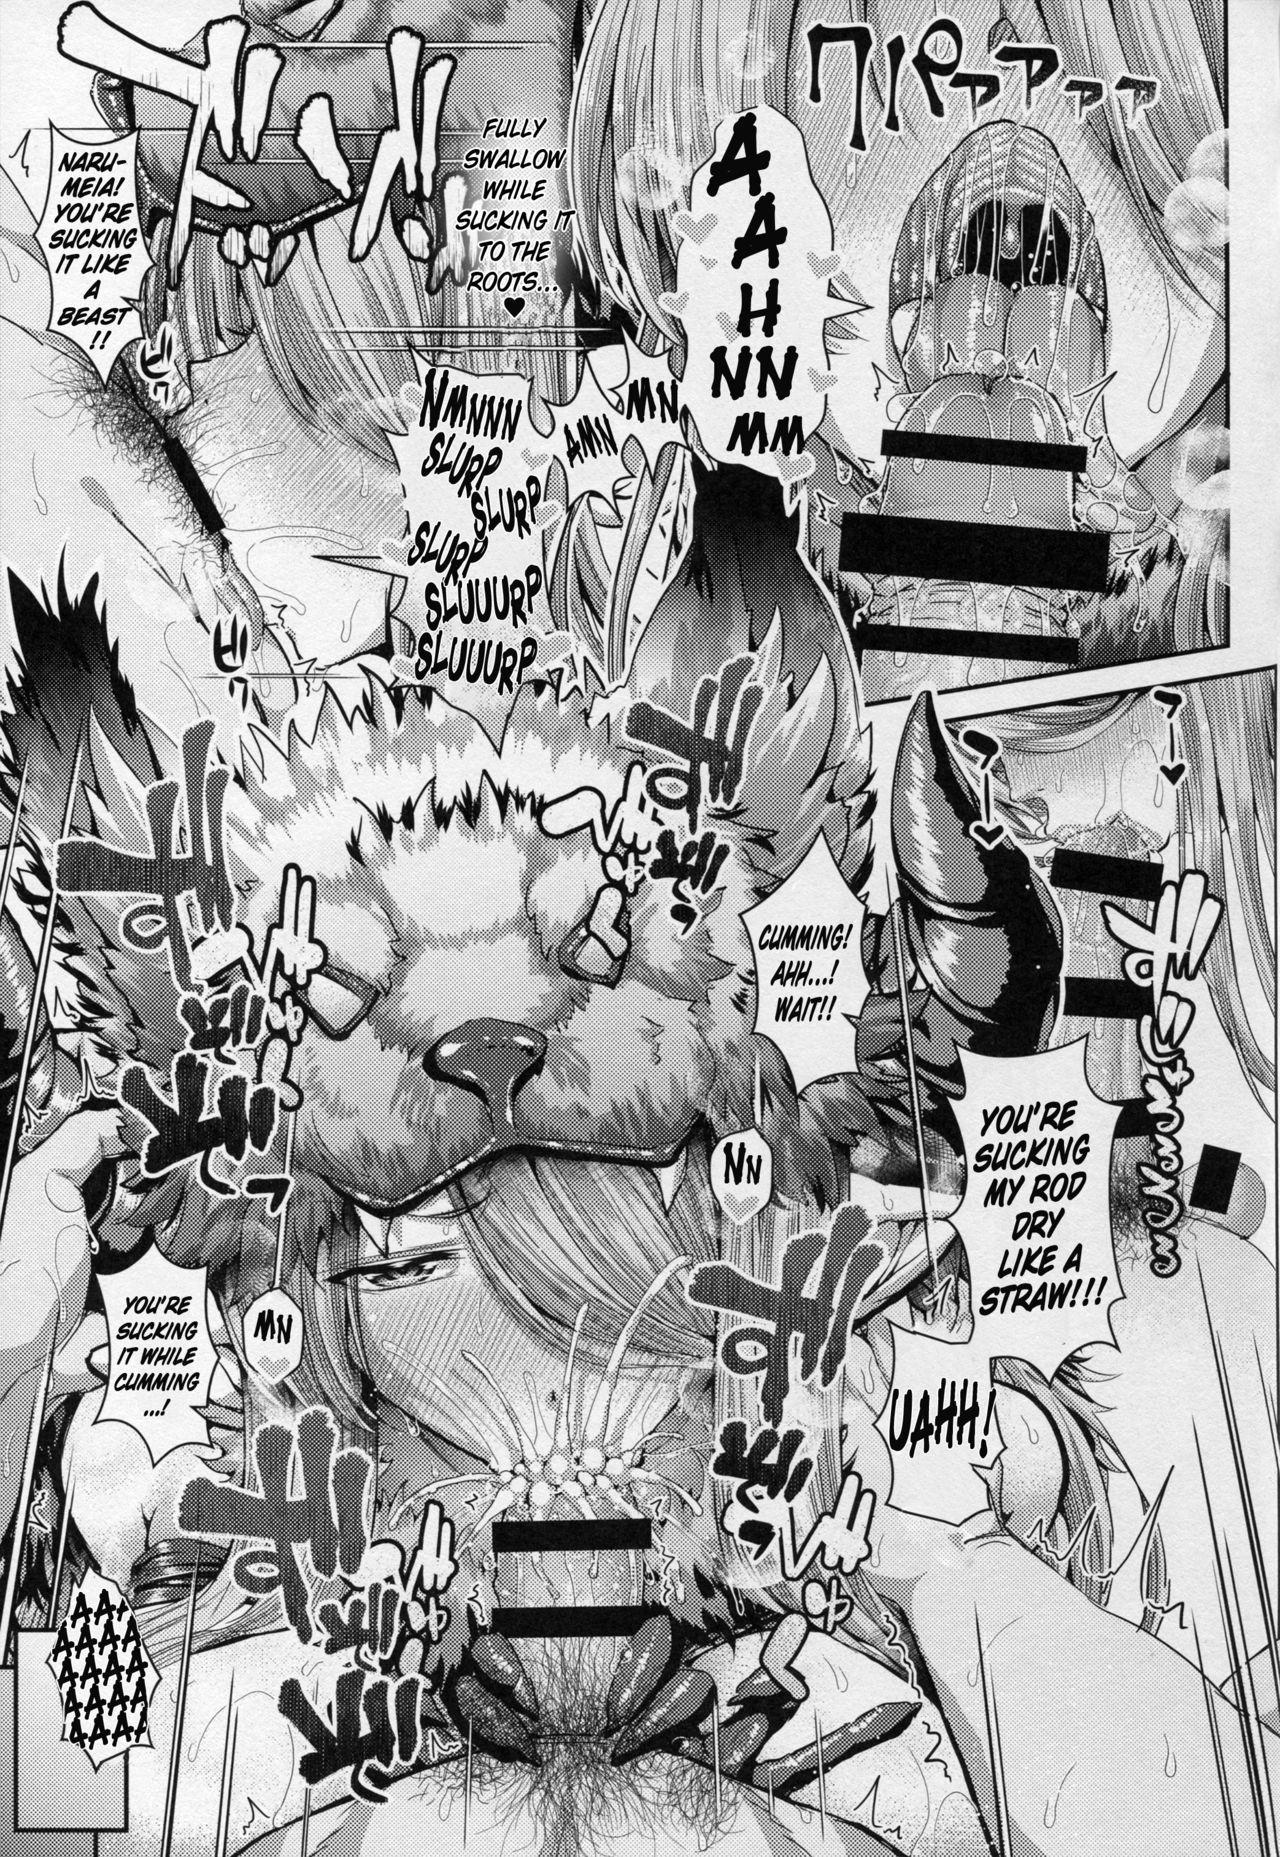 (C91) [Deastim (Unadon)] Nee Nee Danchou-chan Onee-san ni Nani Kite Hoshii? | Hey, Hey, Danchou-chan What Would You Want Onee-san to Wear? (Granblue Fantasy) [English] [obsoletezero] 16